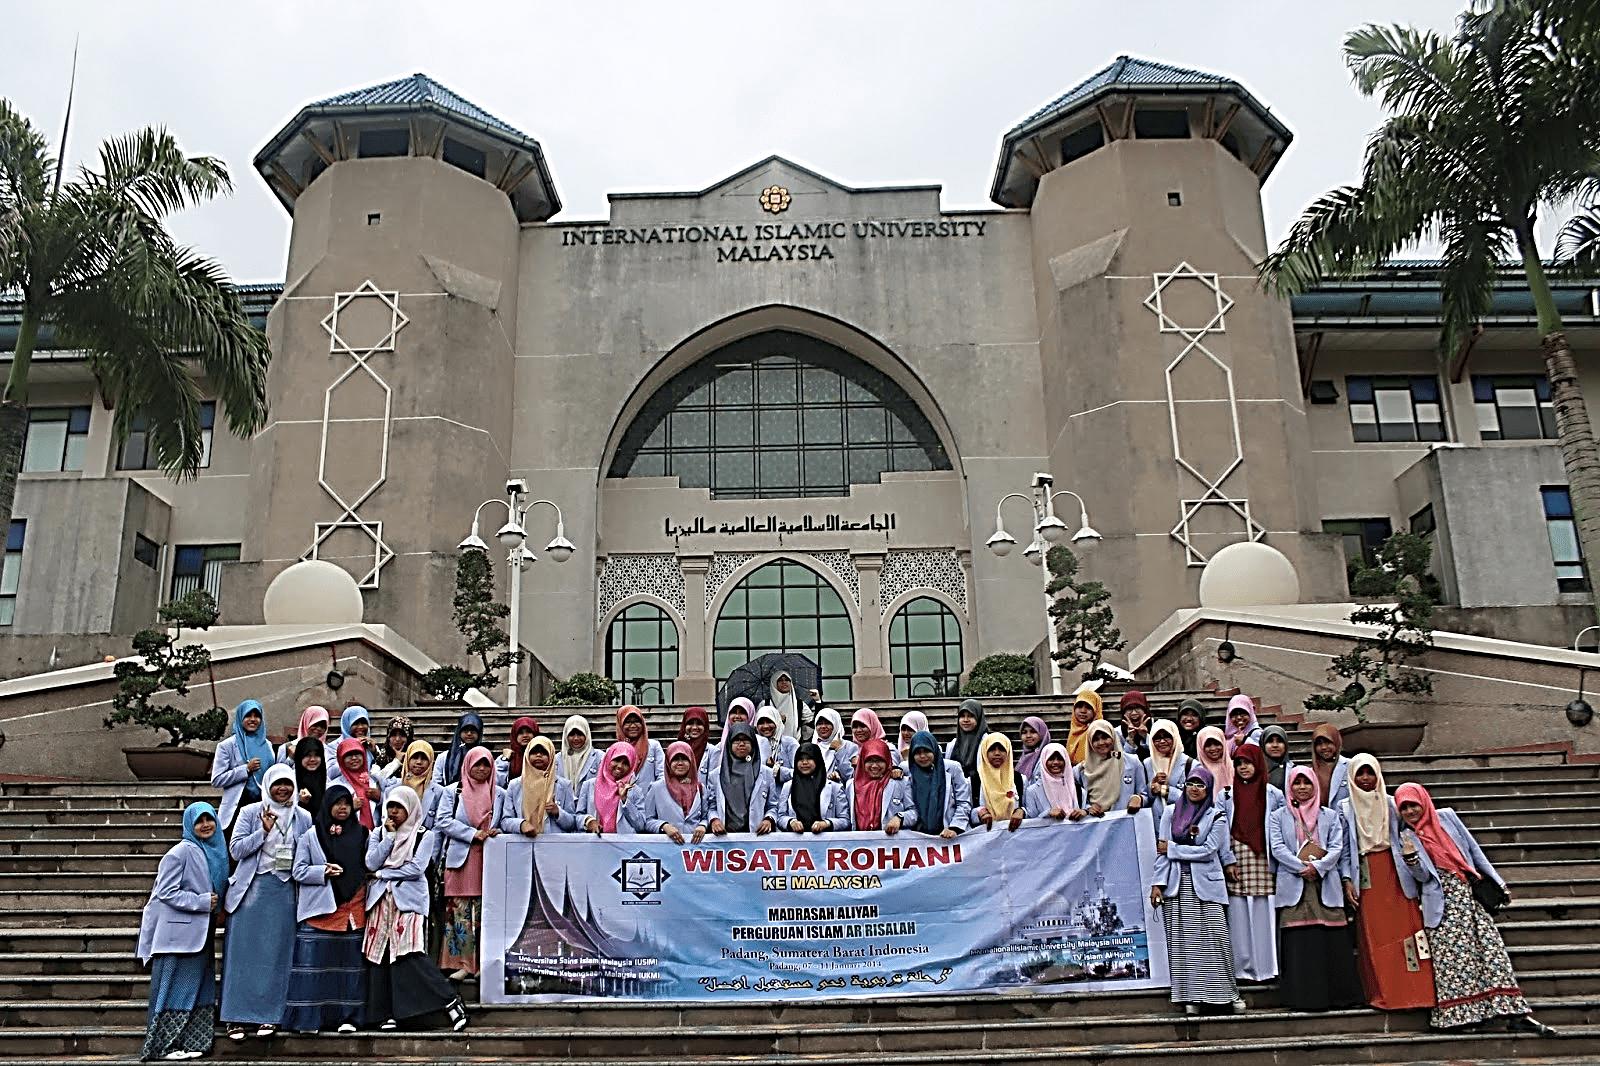 تحصیل در دانشگاه های مالزی در مقطع کارشناسی ارشد و دکتری